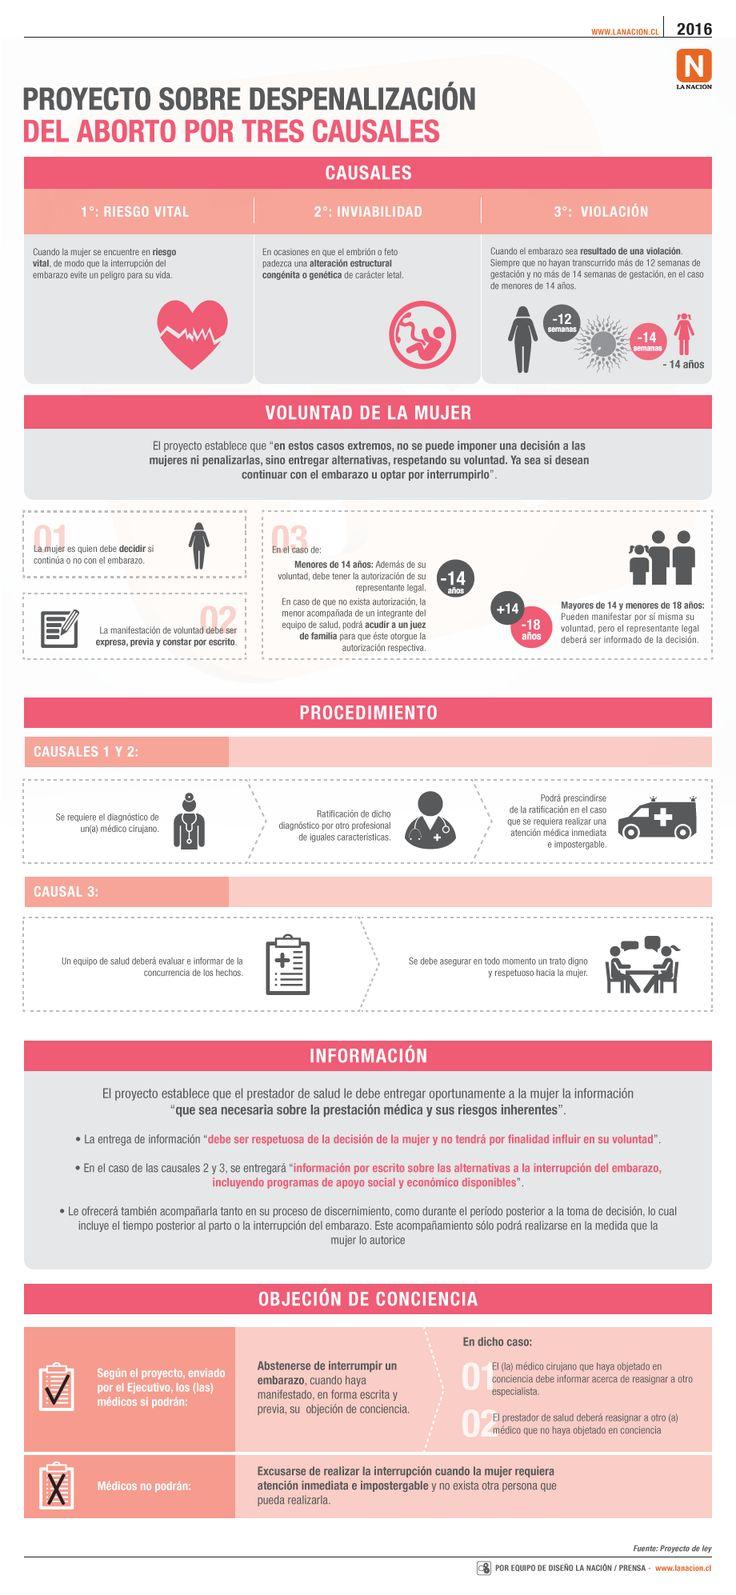 Infografía: Claves del proyecto de aborto por 3 causales